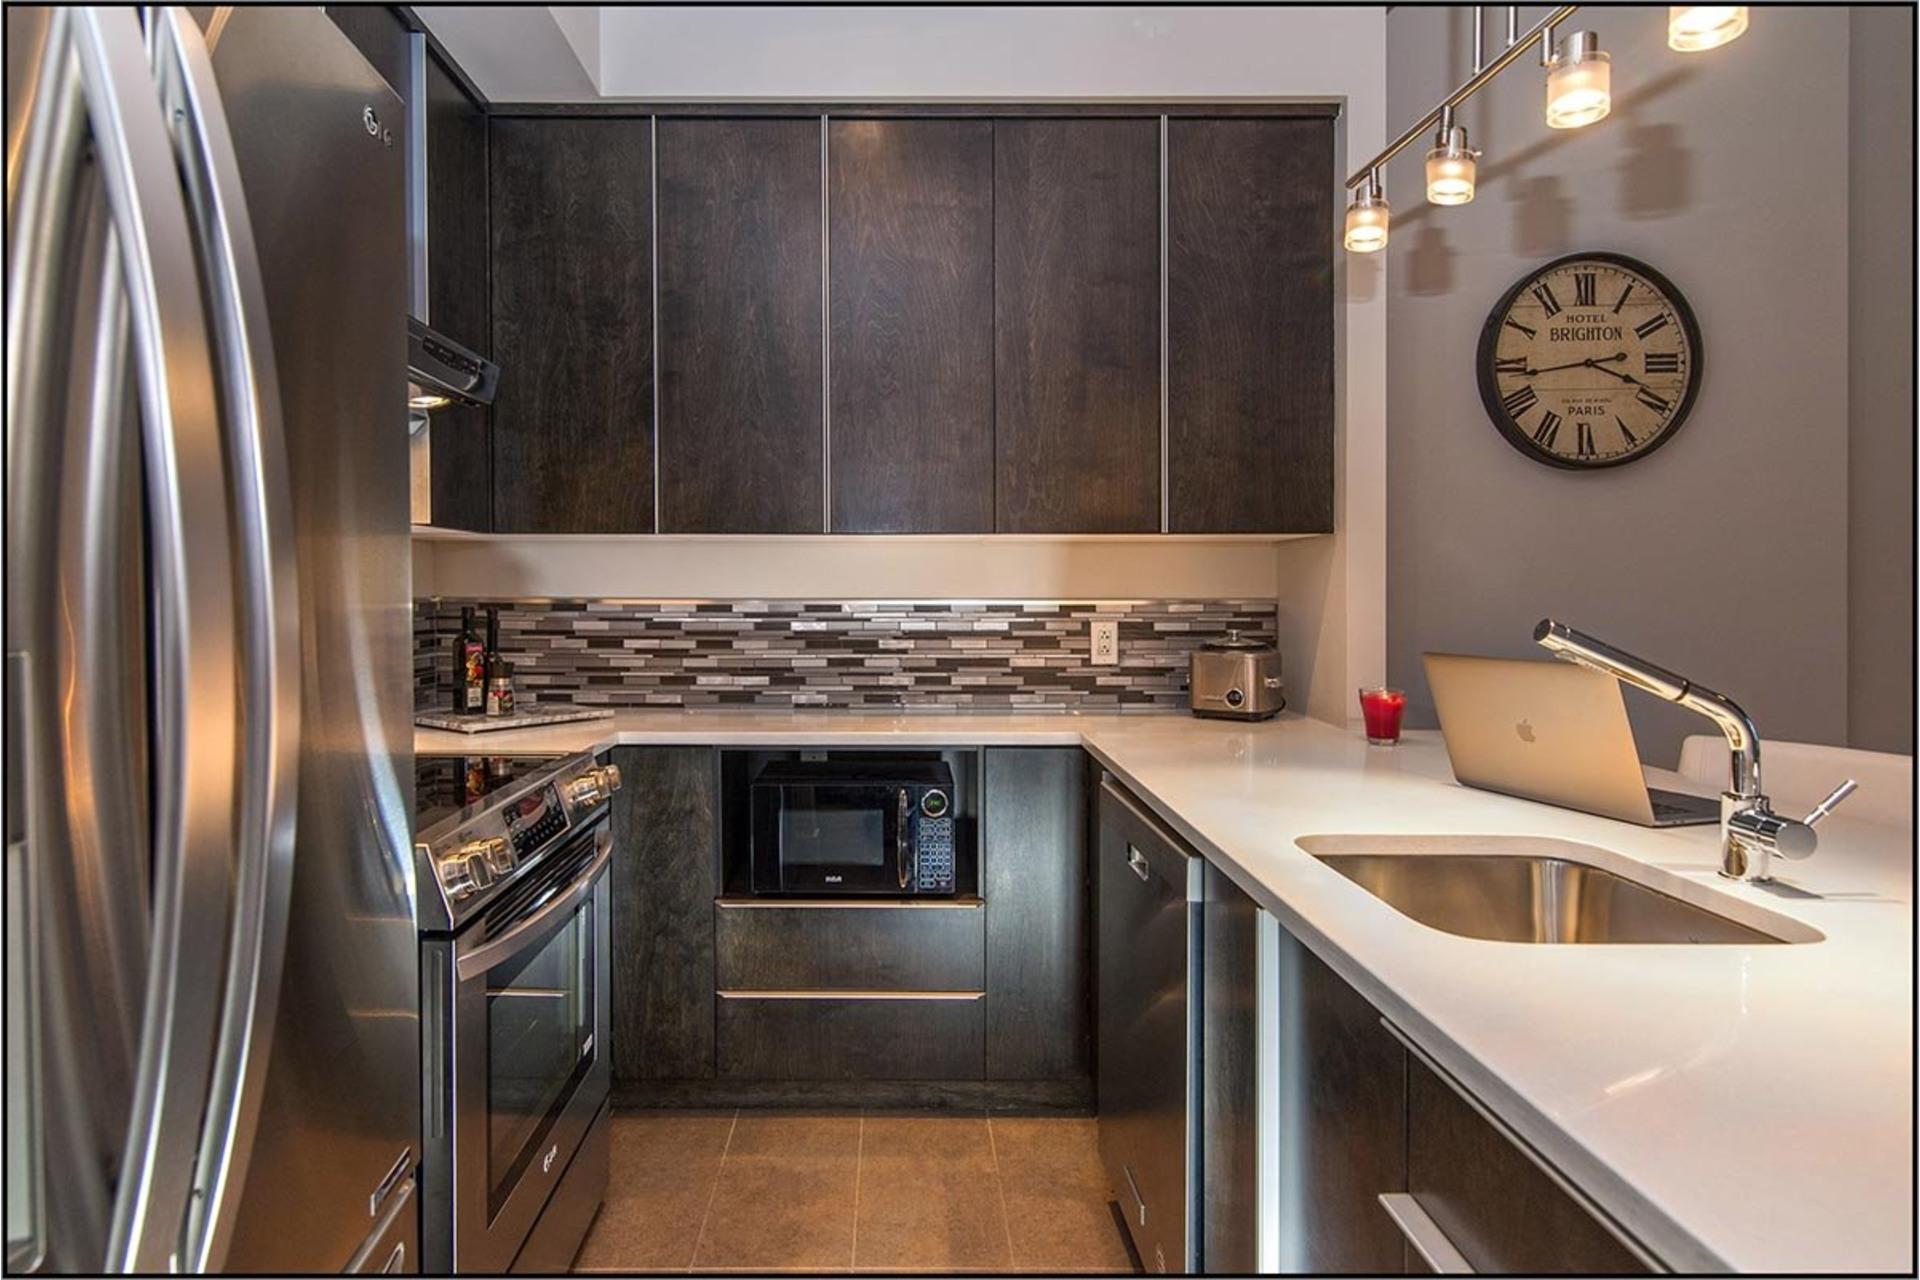 image 5 - Apartment For sale Saint-Augustin-de-Desmaures - 10 rooms